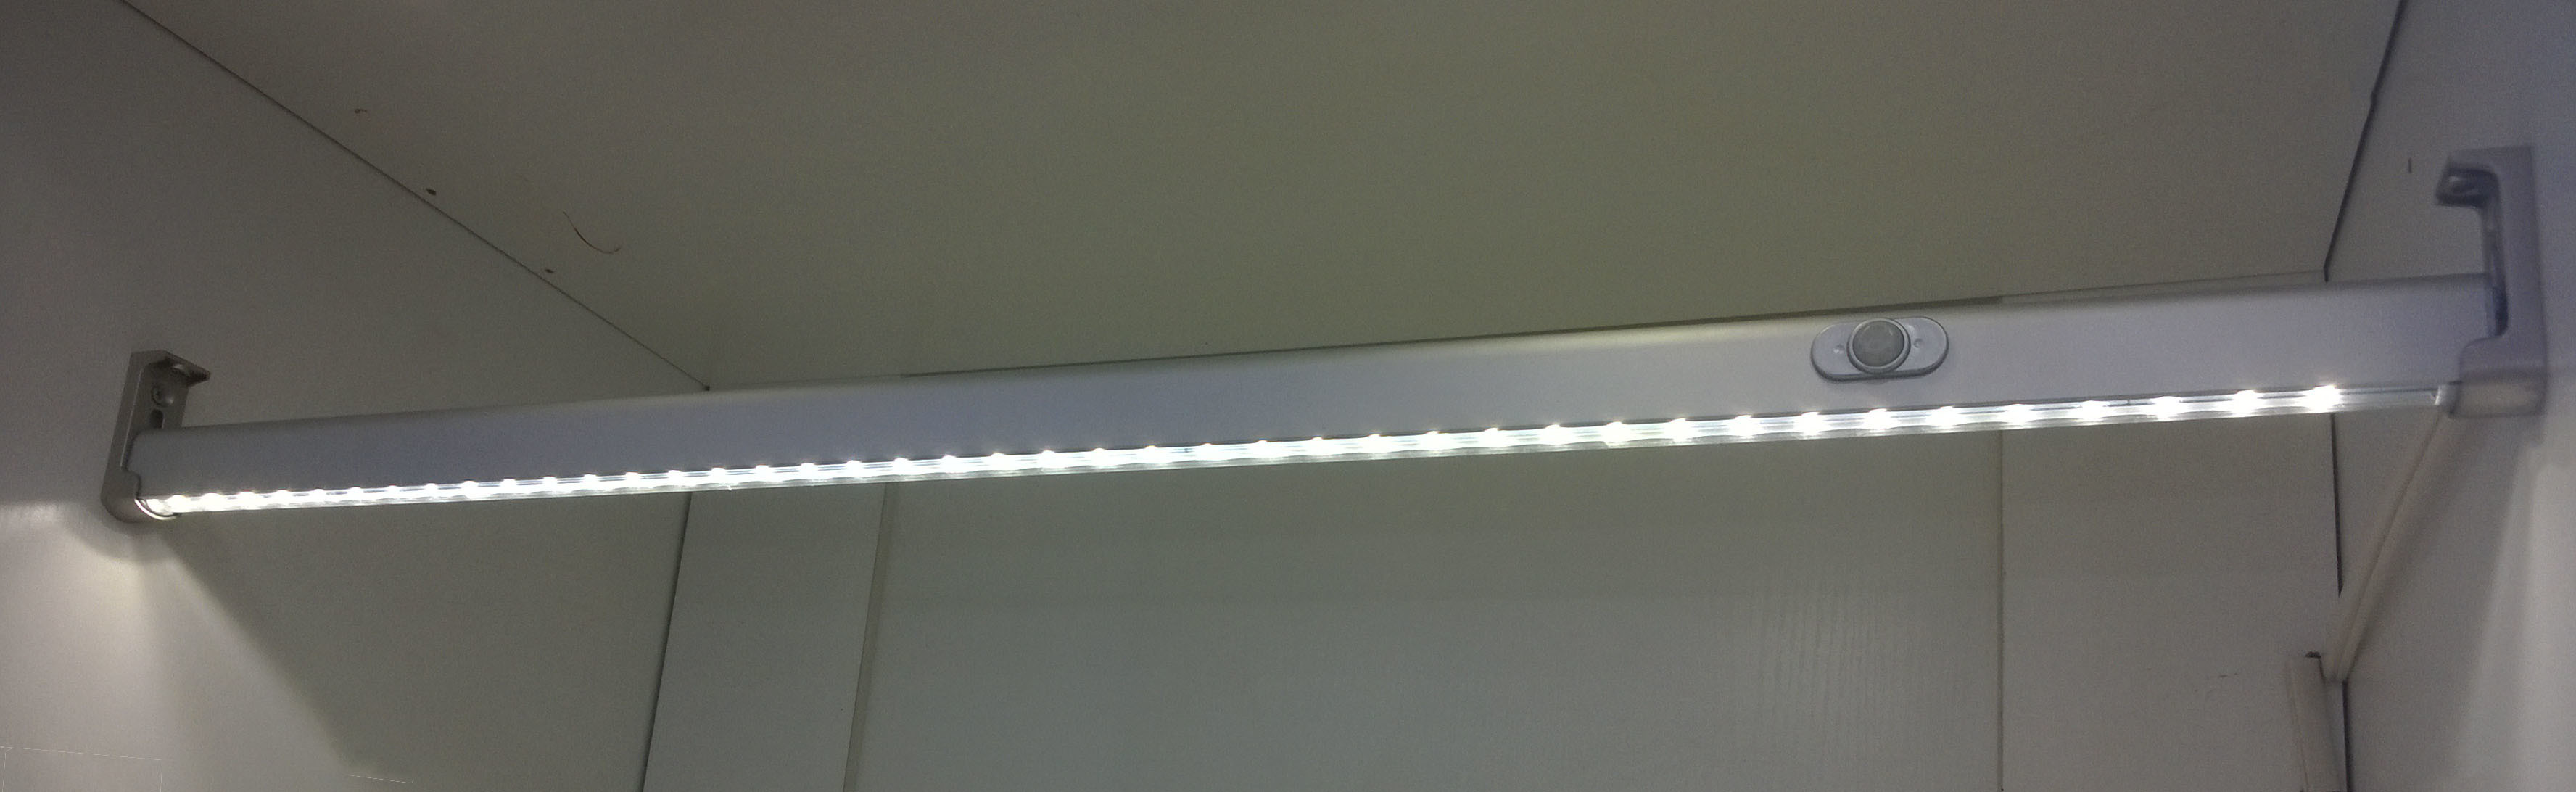 Sensor LED Inner Wardrobe Light for Hanging Rod